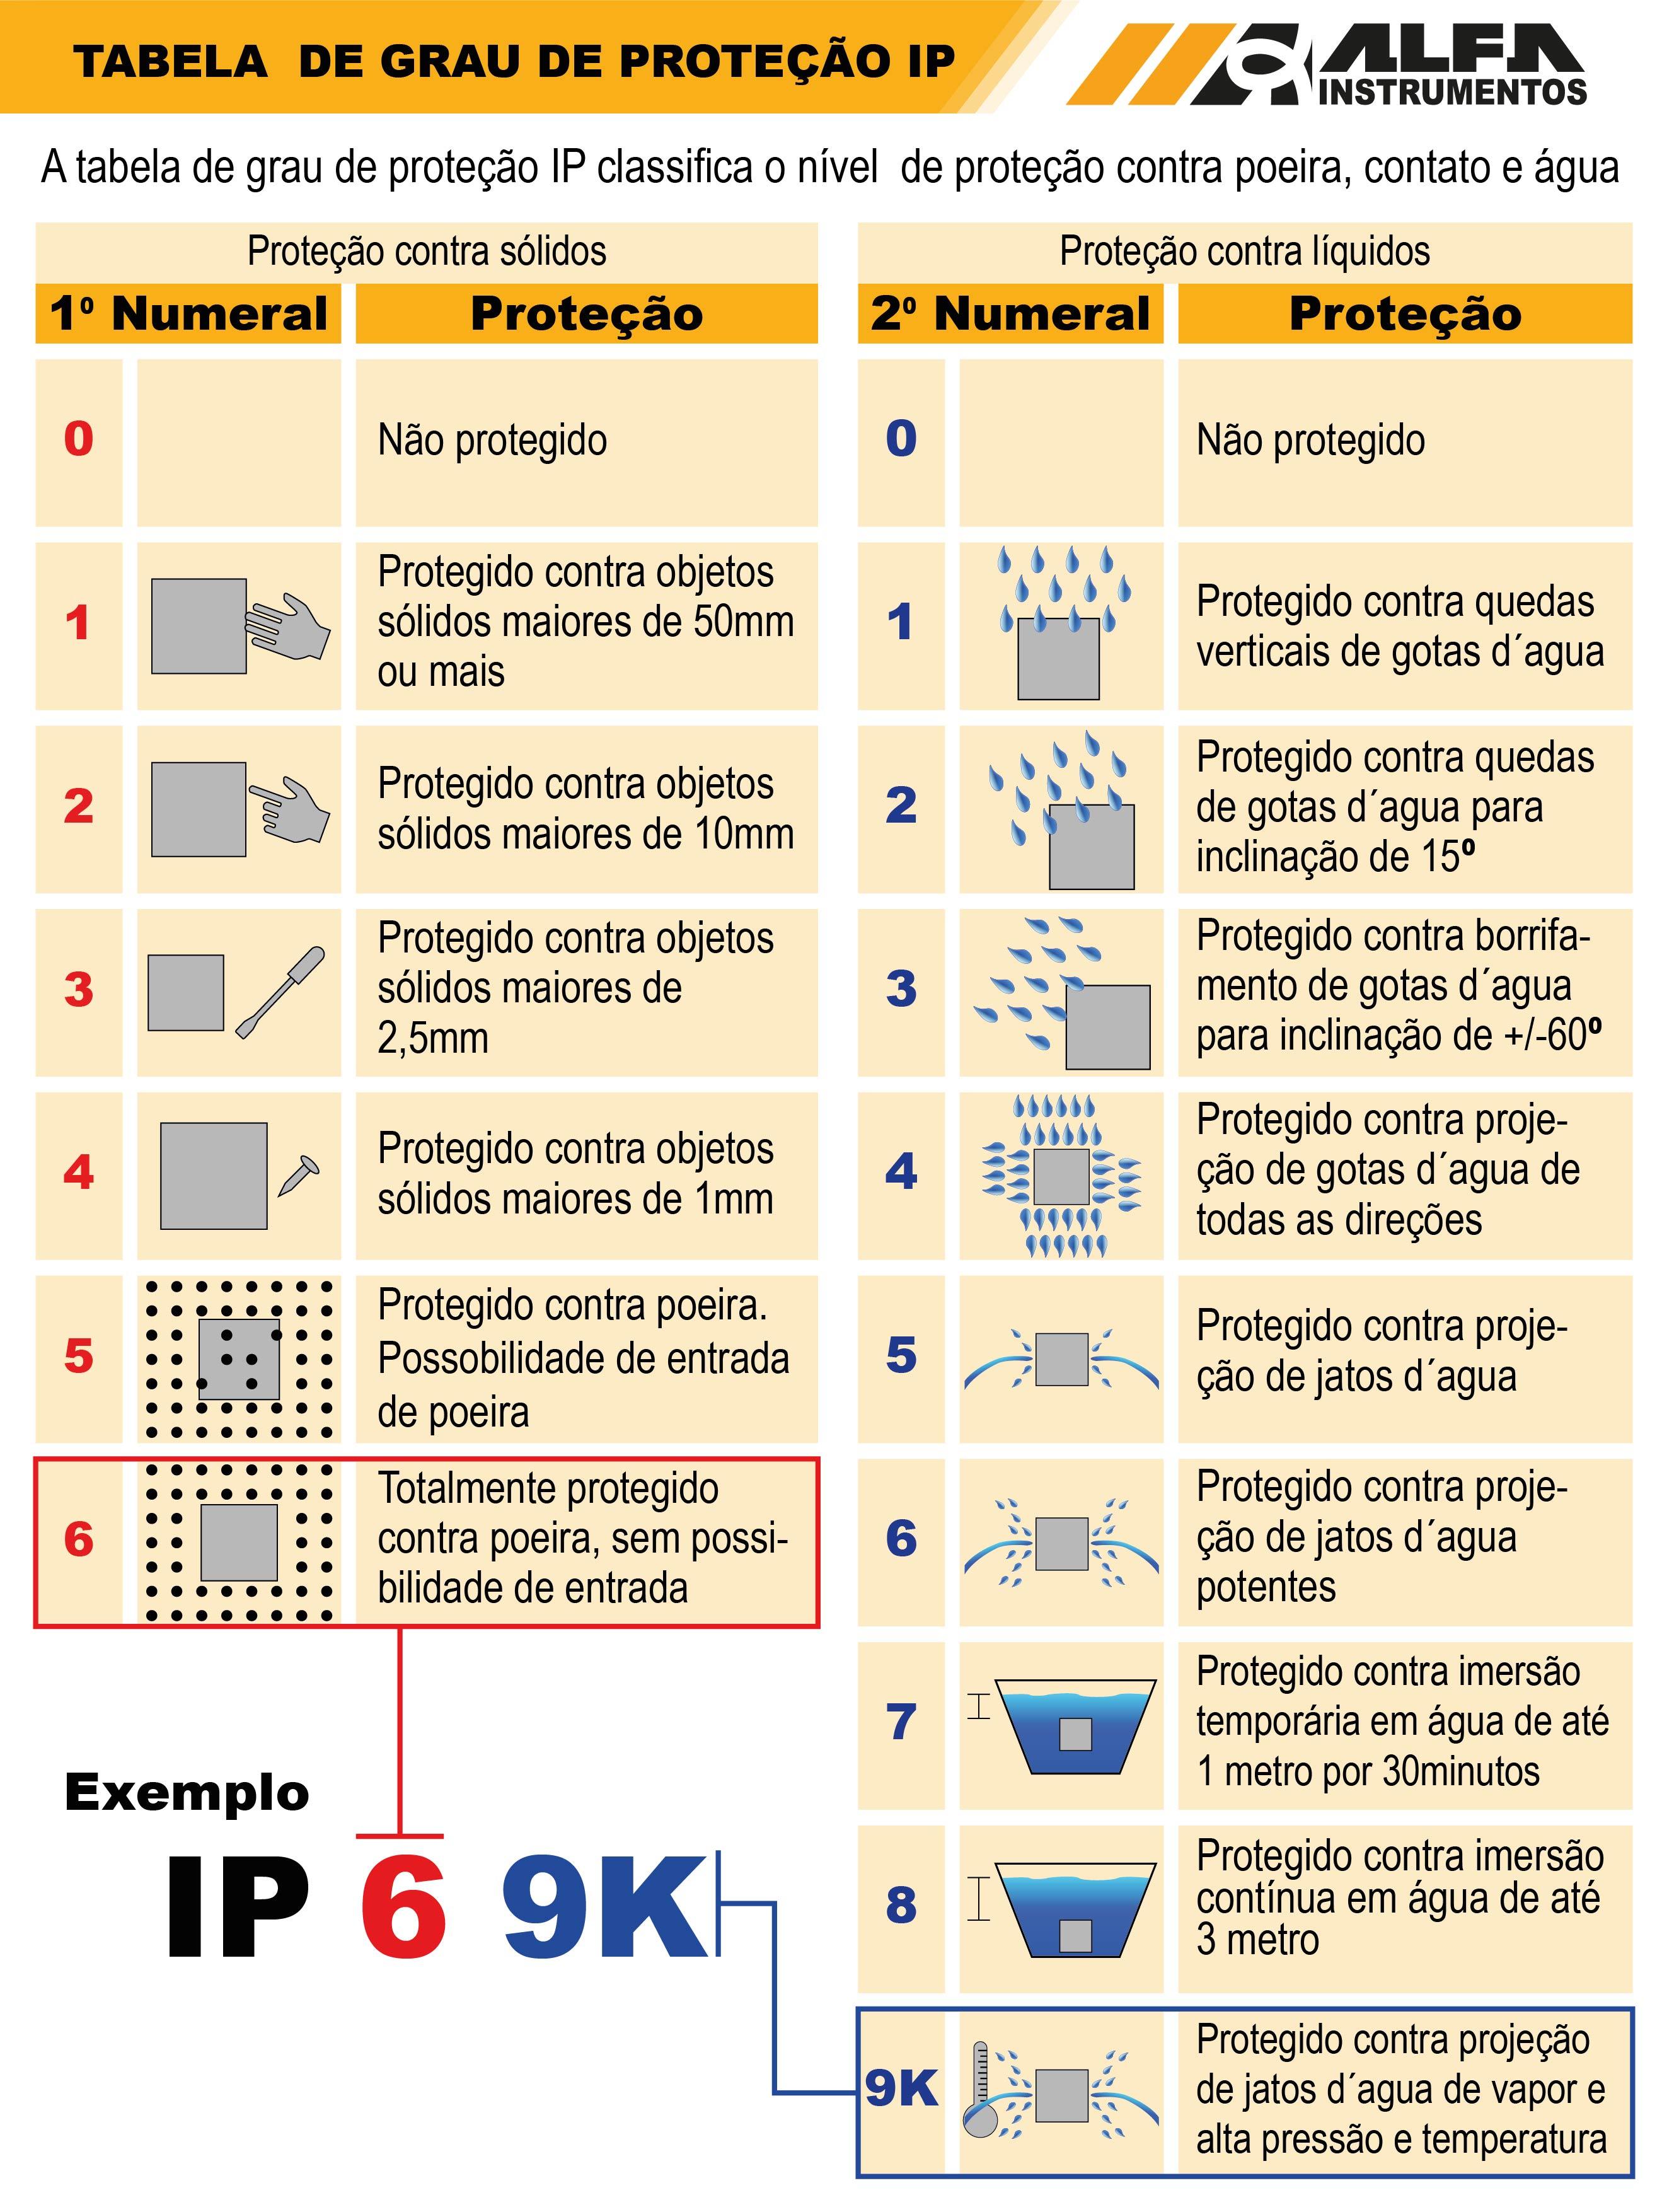 Tabela de Grau de Proteção IP